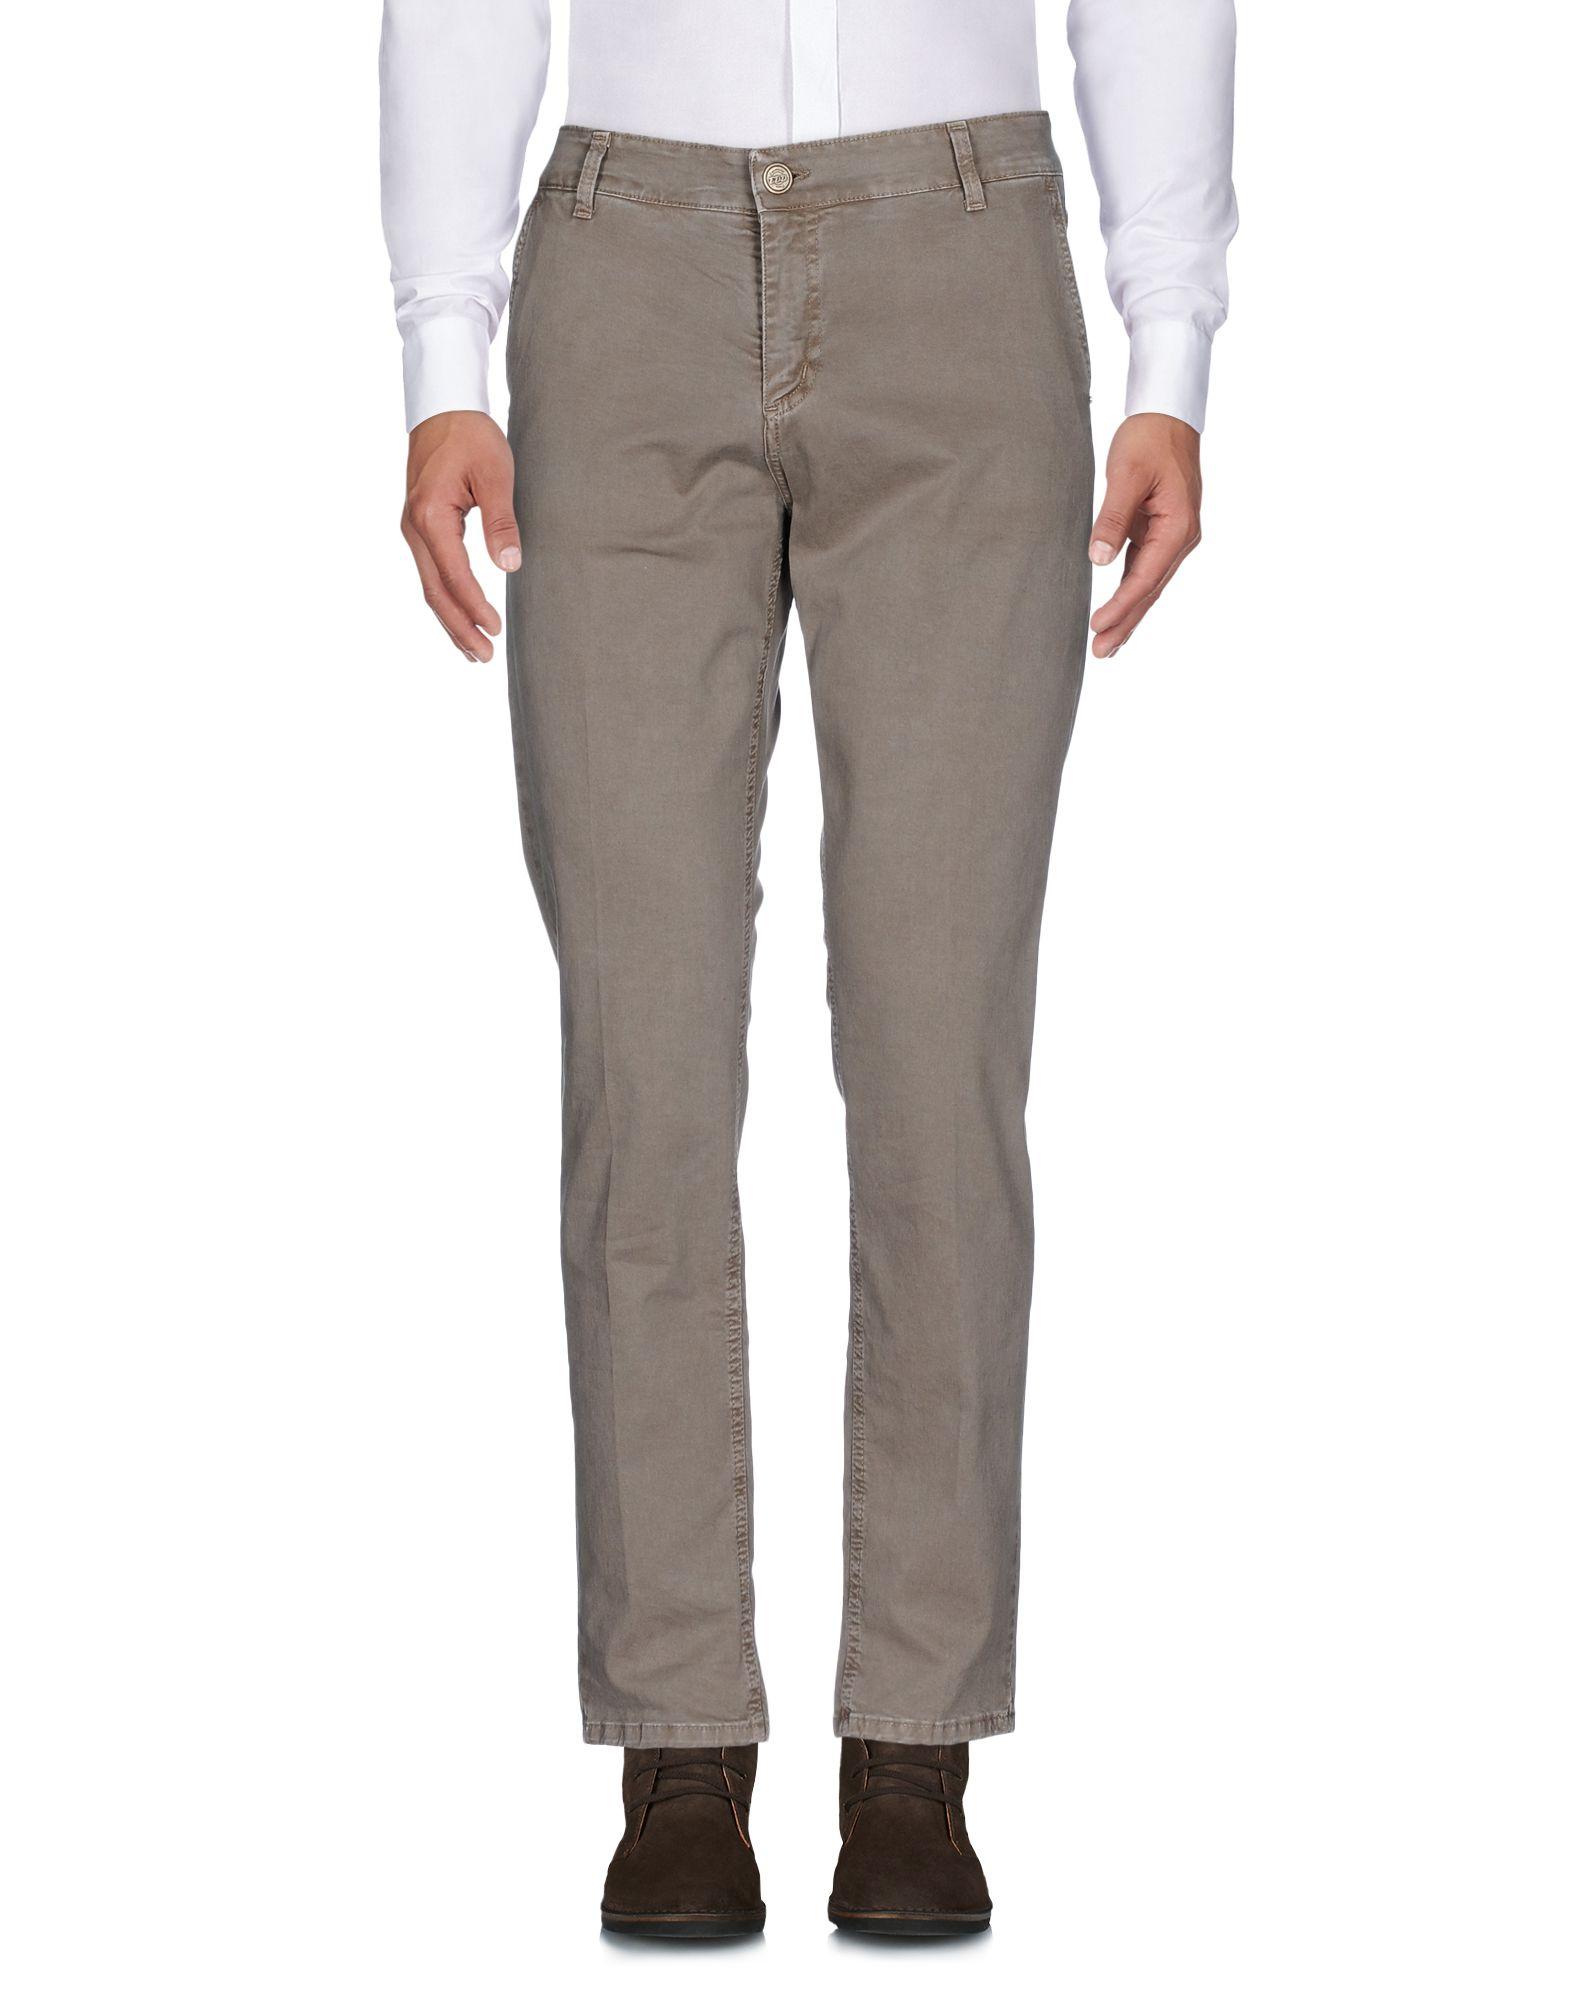 EREDI DEL DUCA Повседневные брюки eredi chiarini eredi chiarini галстук 154190